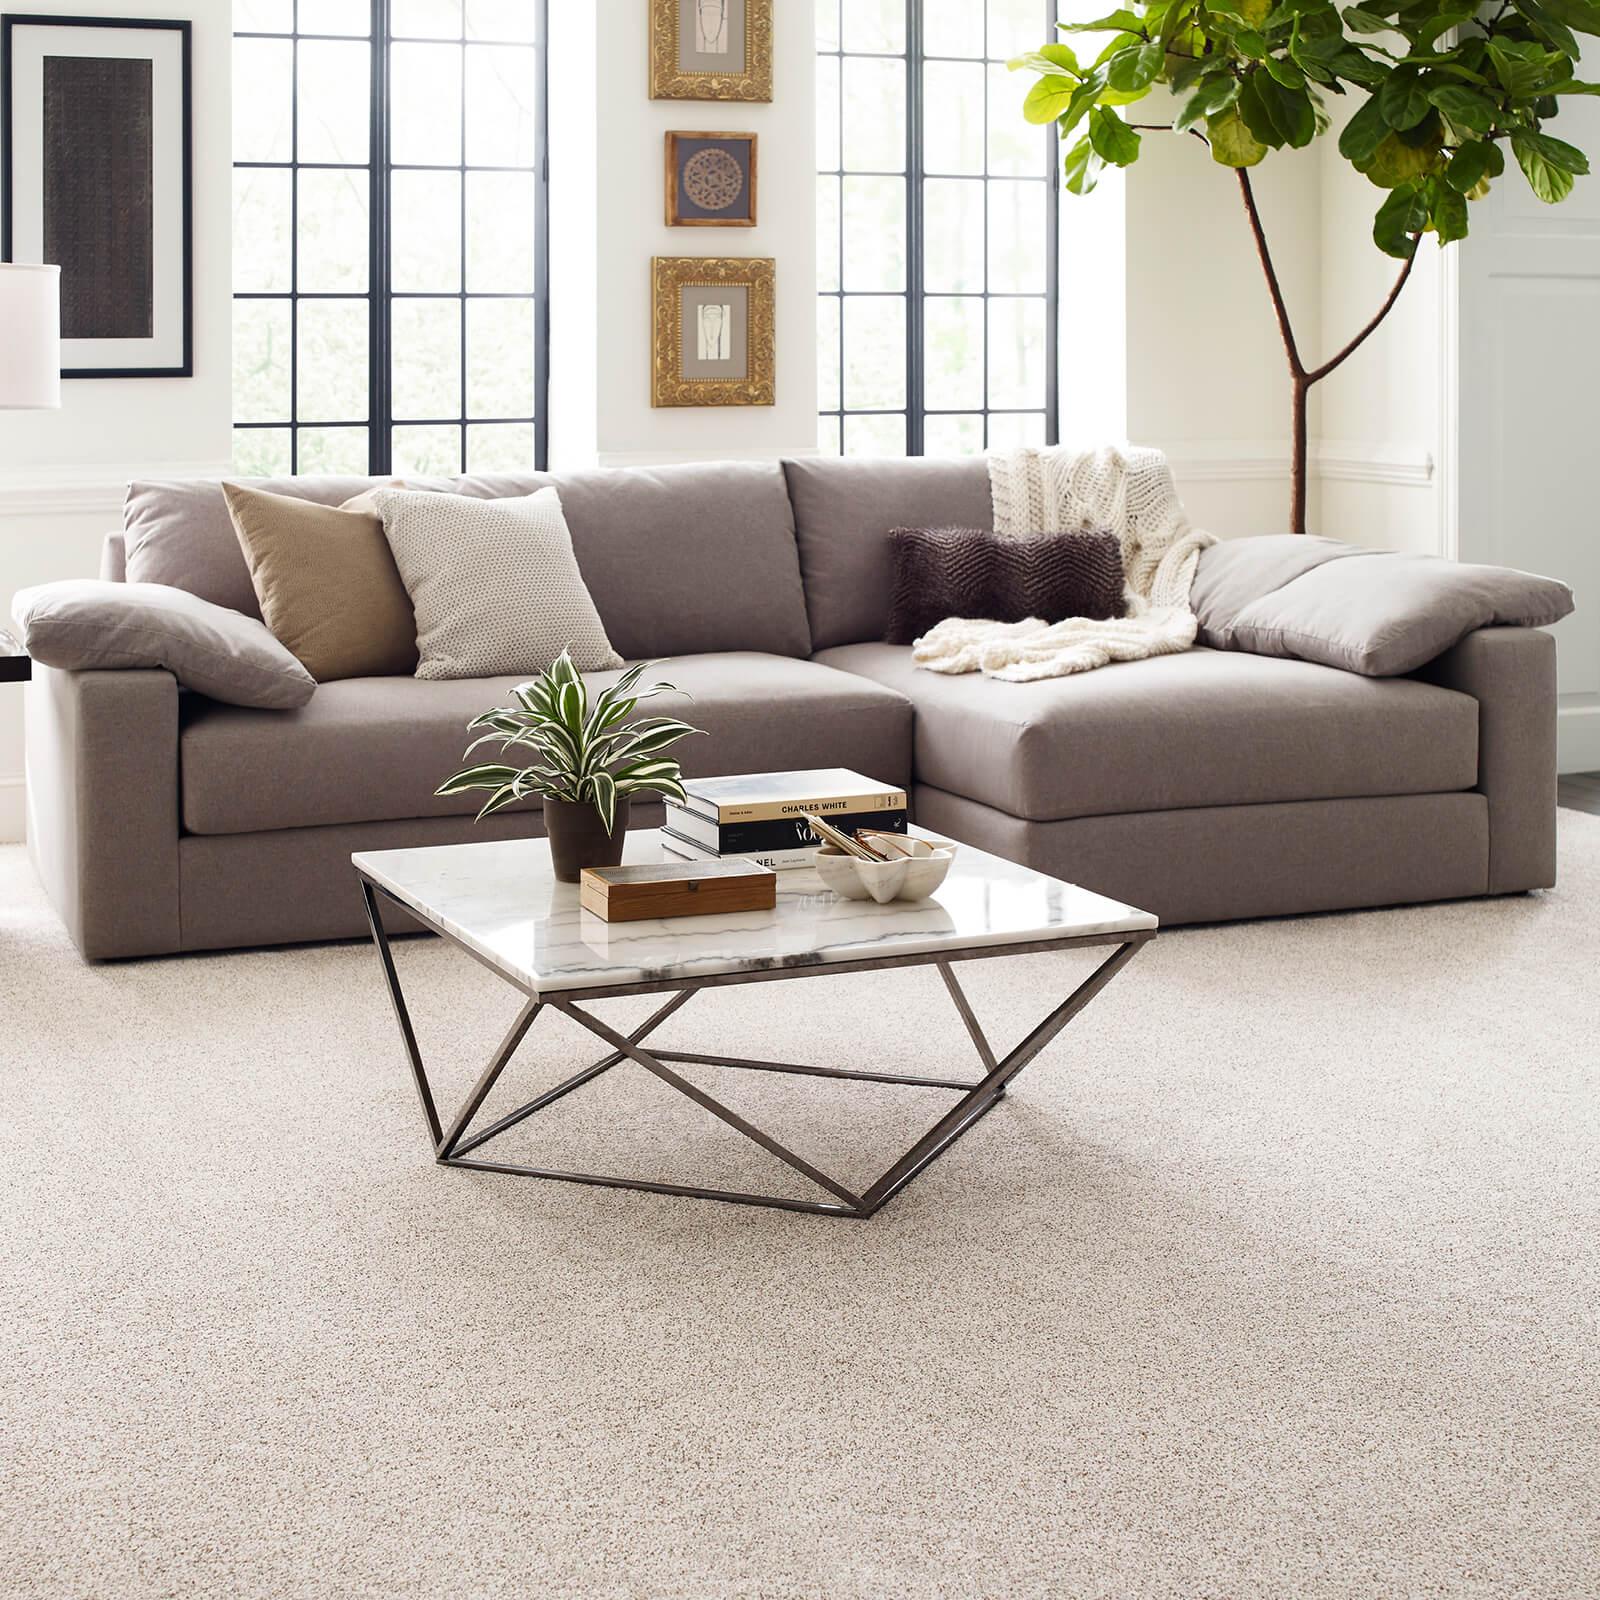 Modern living room | The Carpet Stop